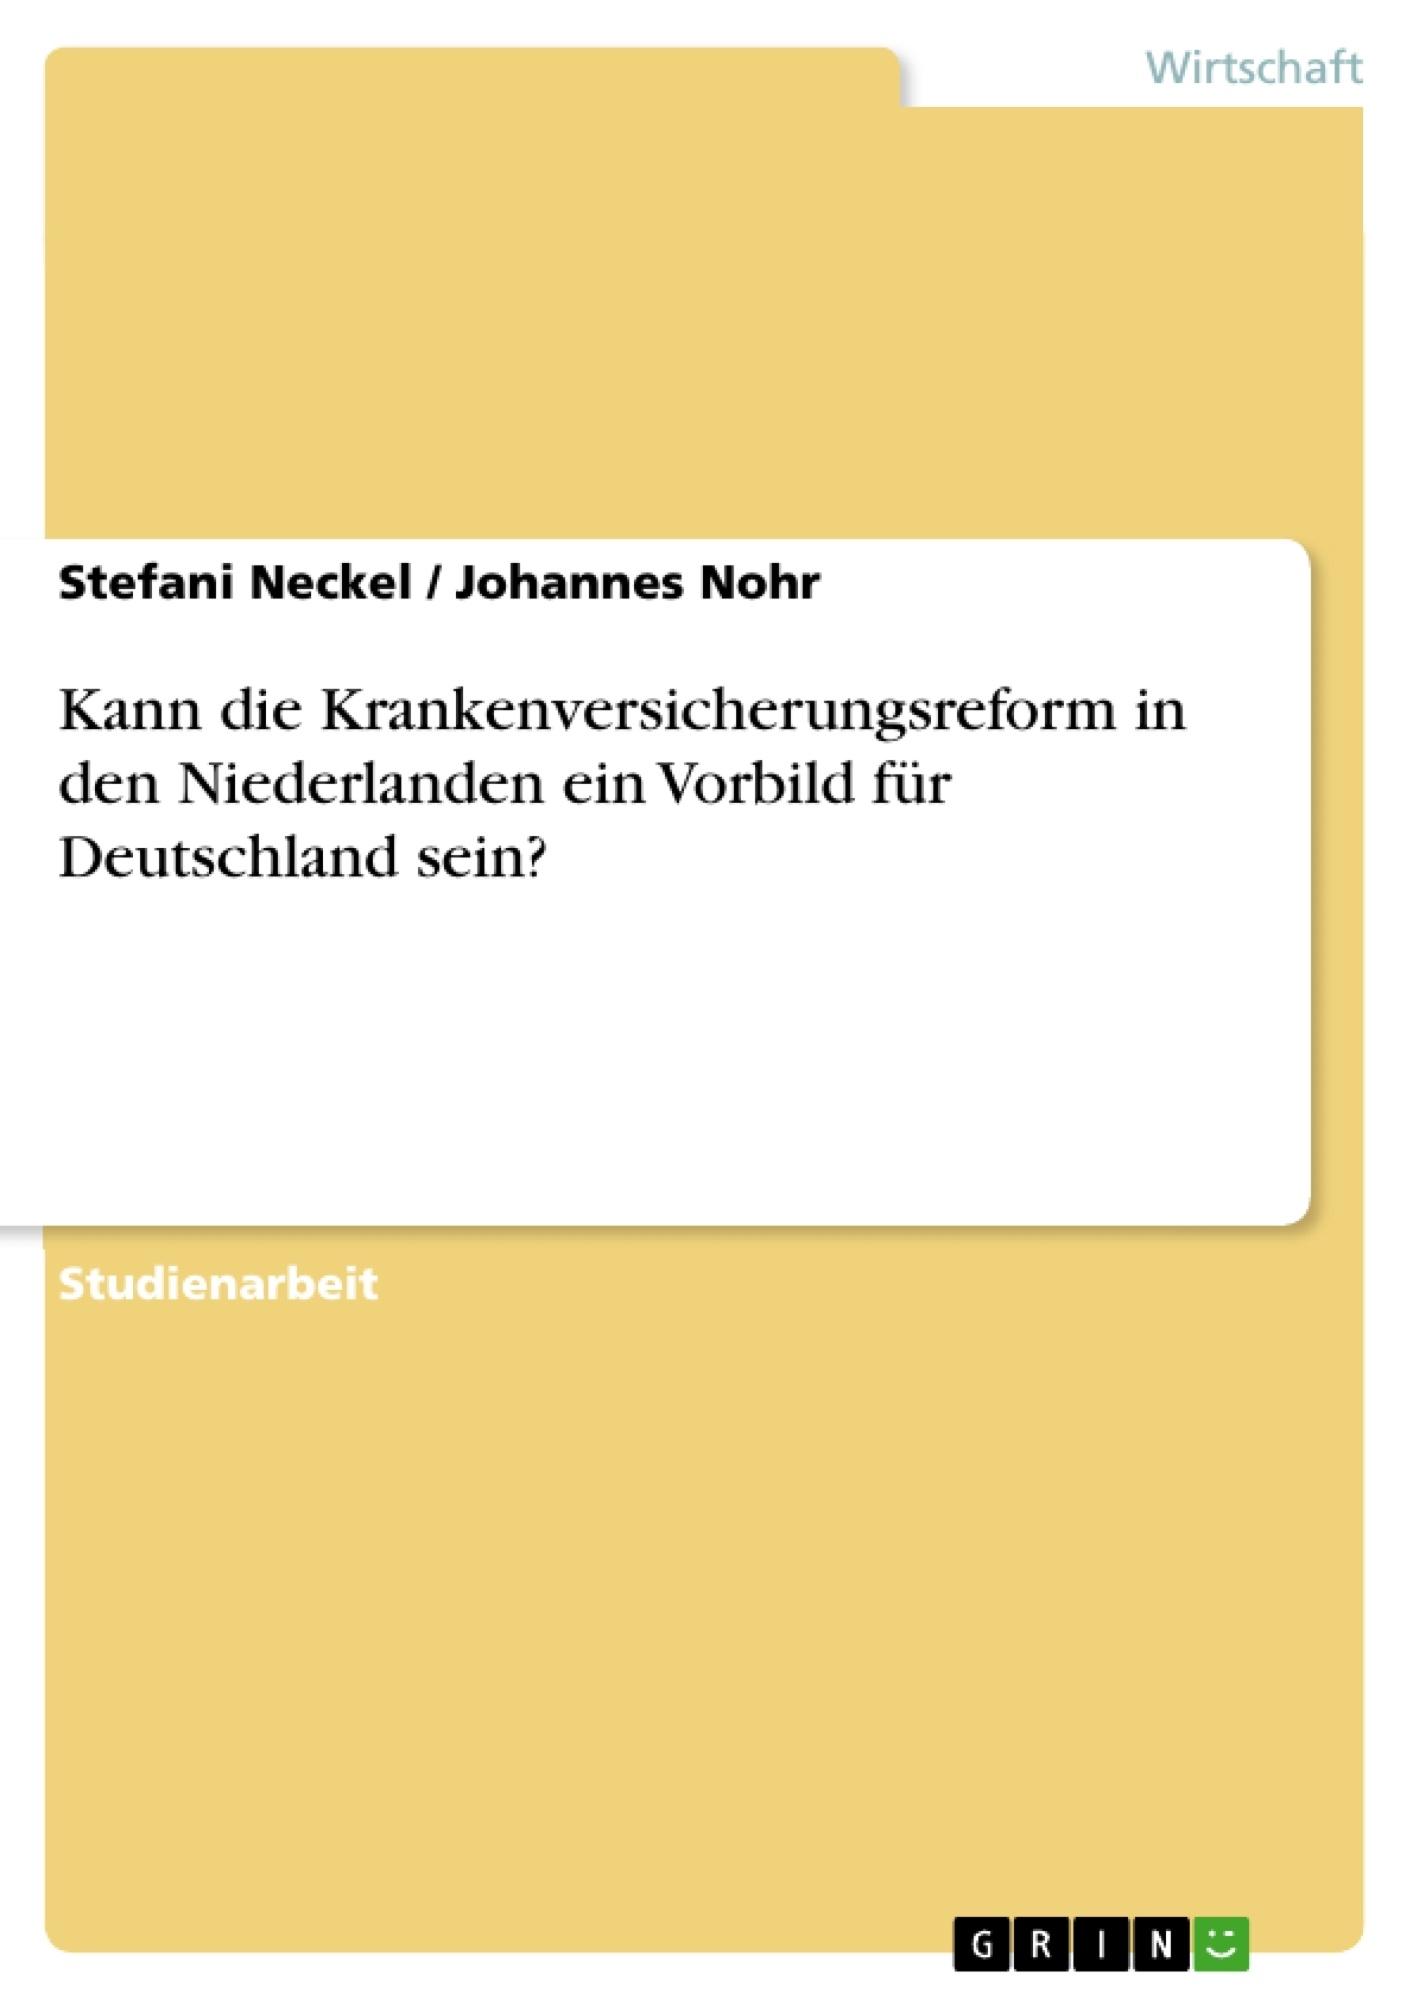 Titel: Kann die Krankenversicherungsreform in den Niederlanden ein Vorbild für Deutschland sein?